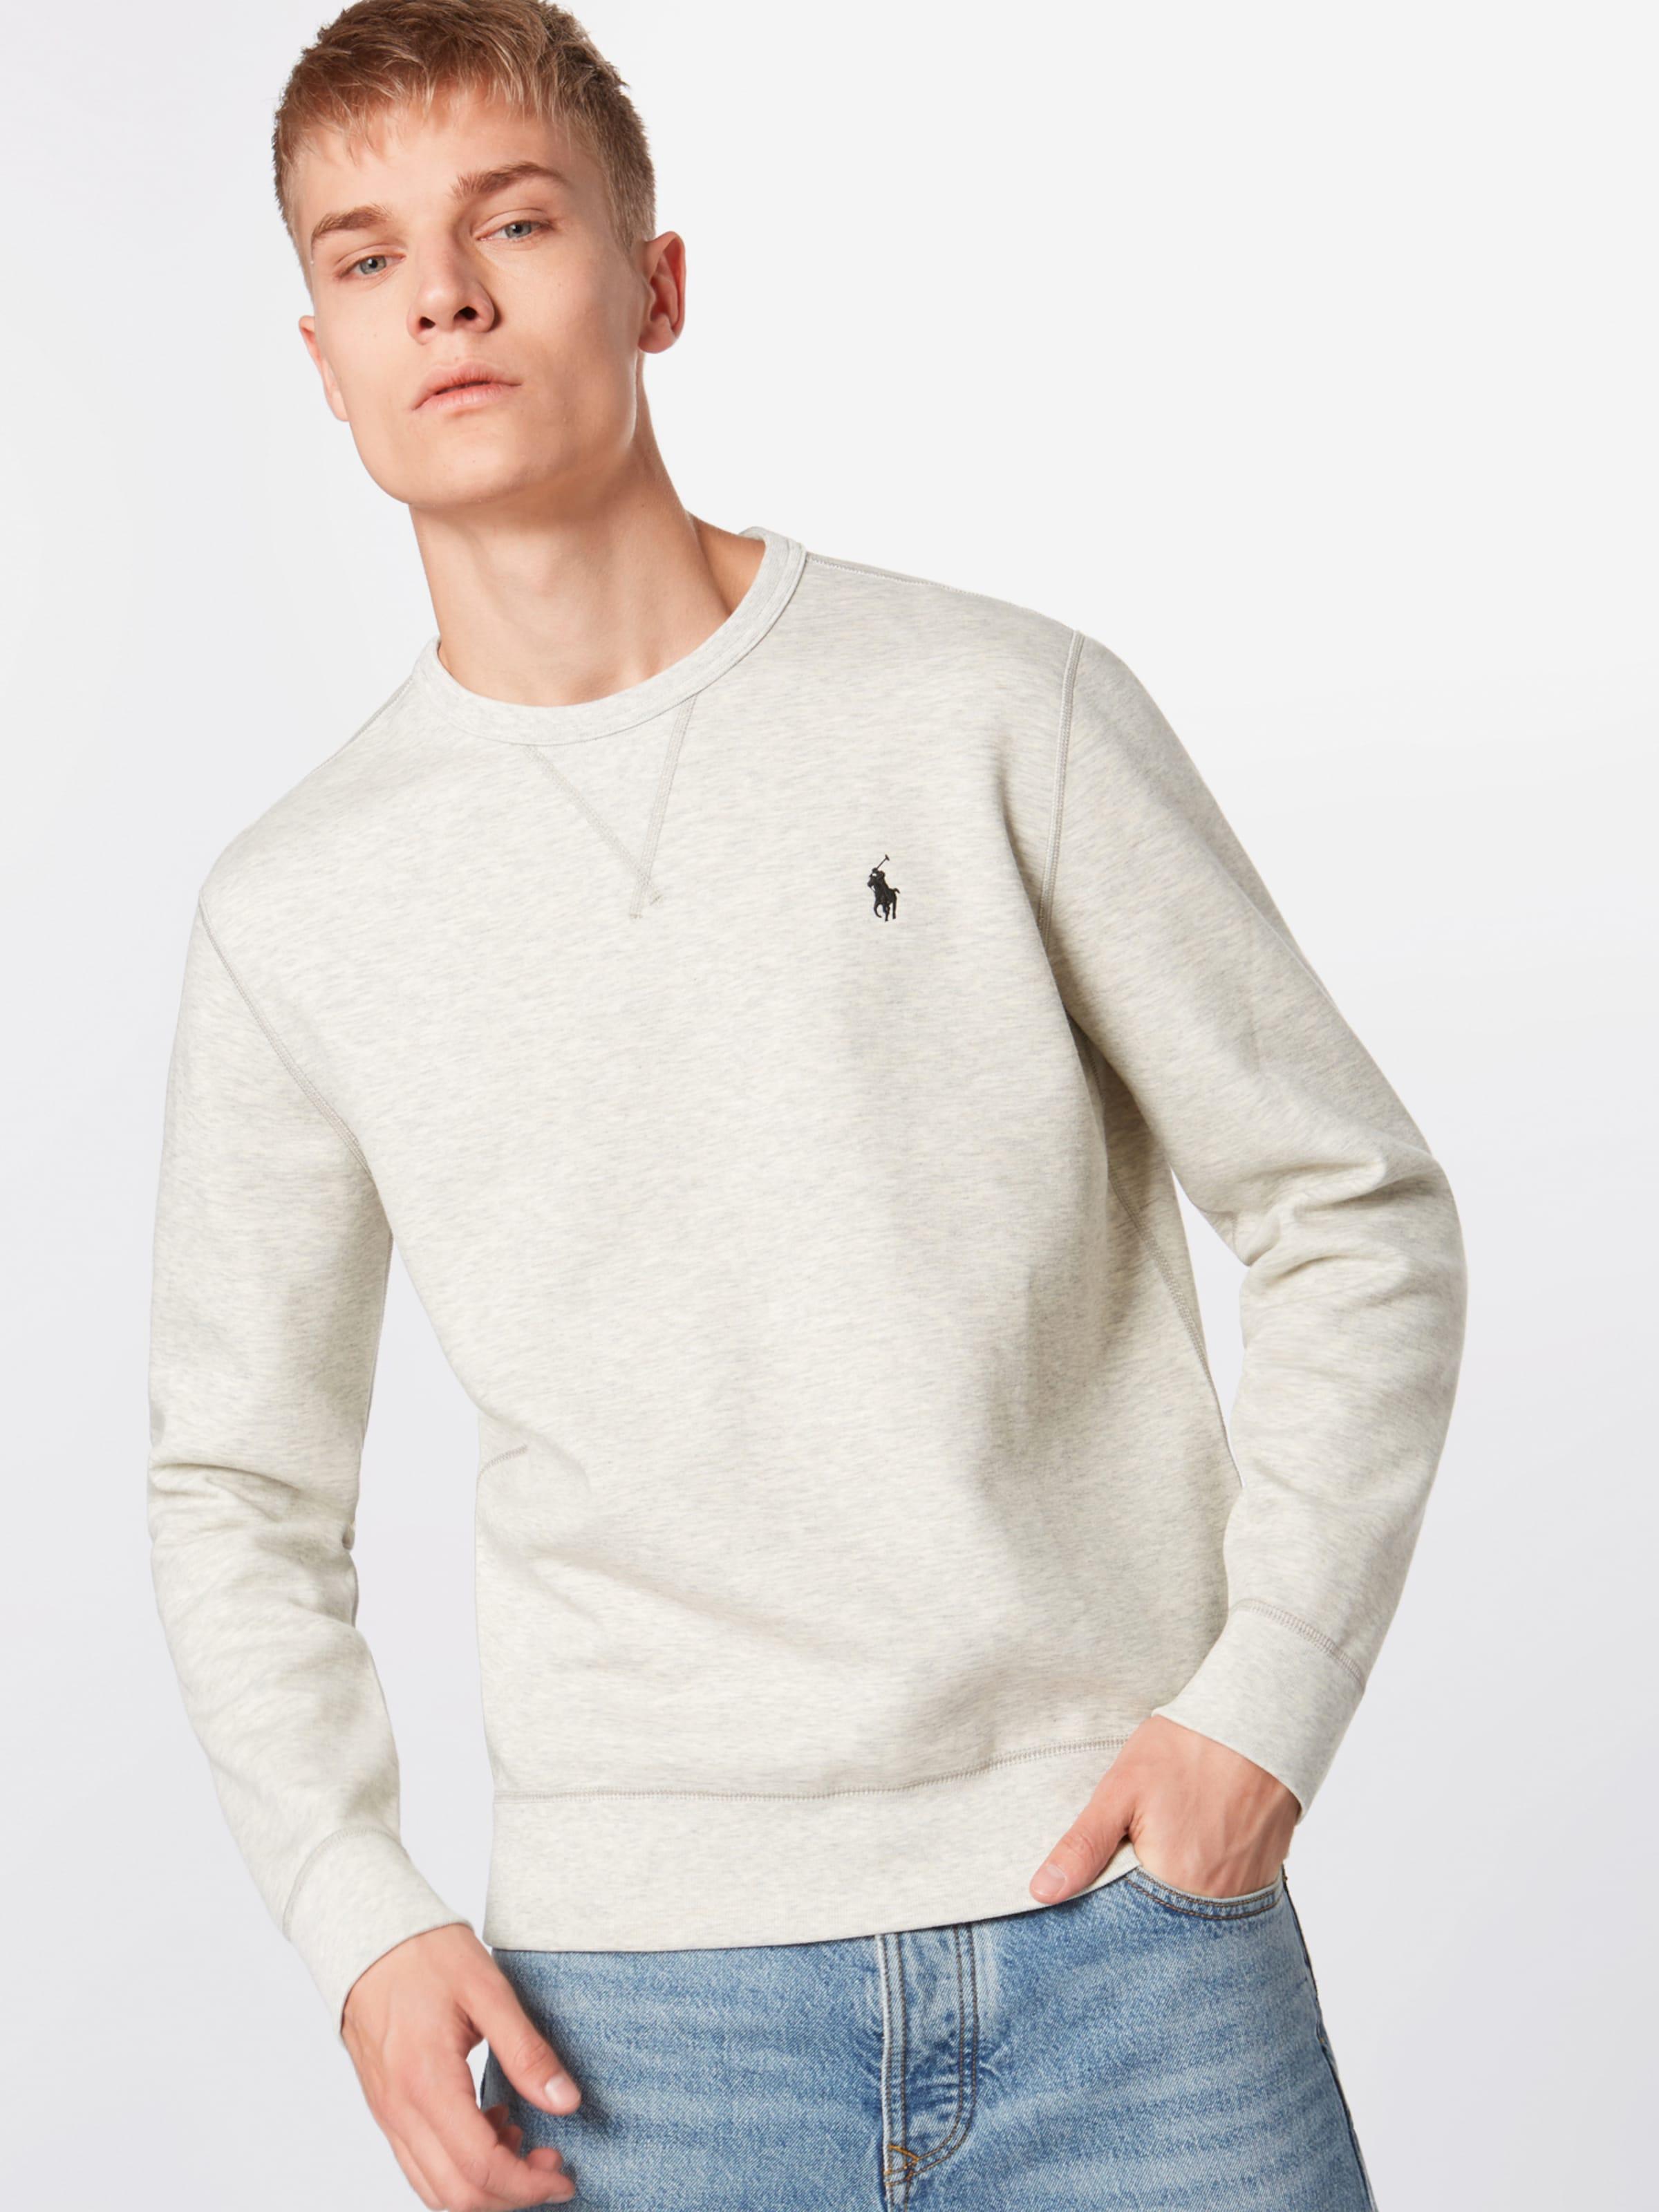 Sweat shirt Polo 'lscnm6 knit' En Ralph Vert Sleeve Lauren long m8wOvNn0